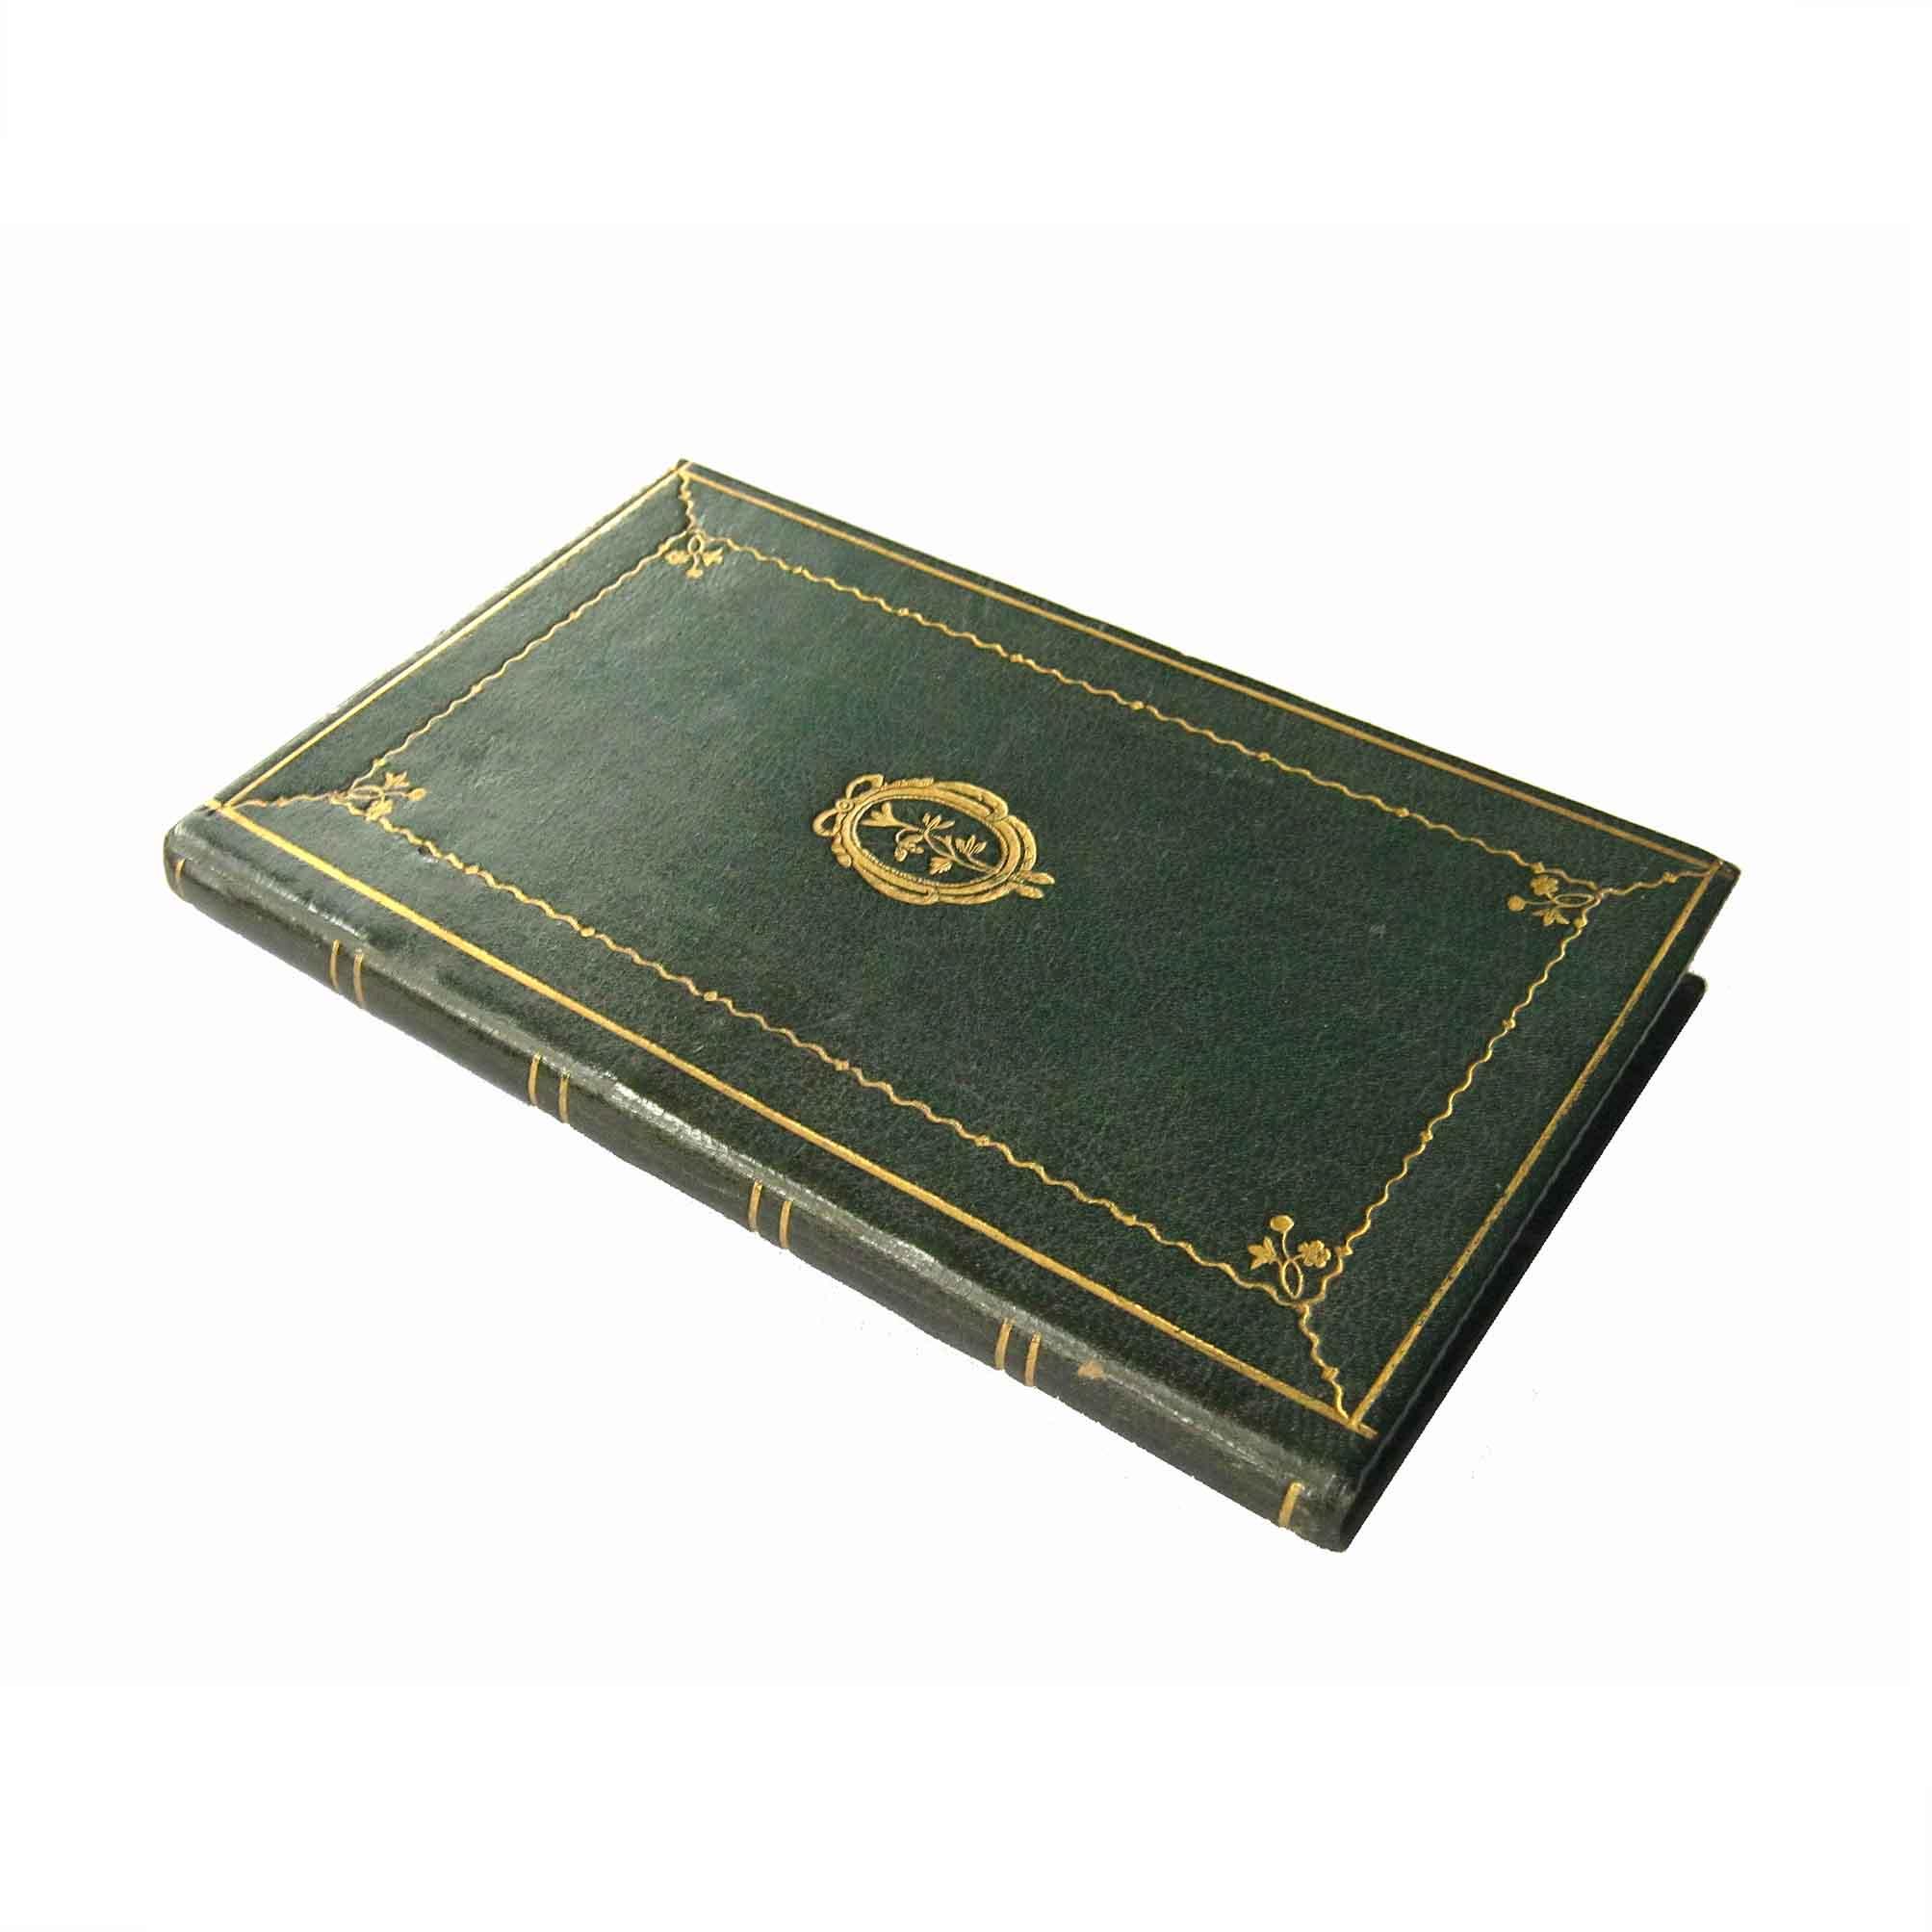 5630-Denkschrift-Tugendfreunde-1792-Einband-frei-N.jpg